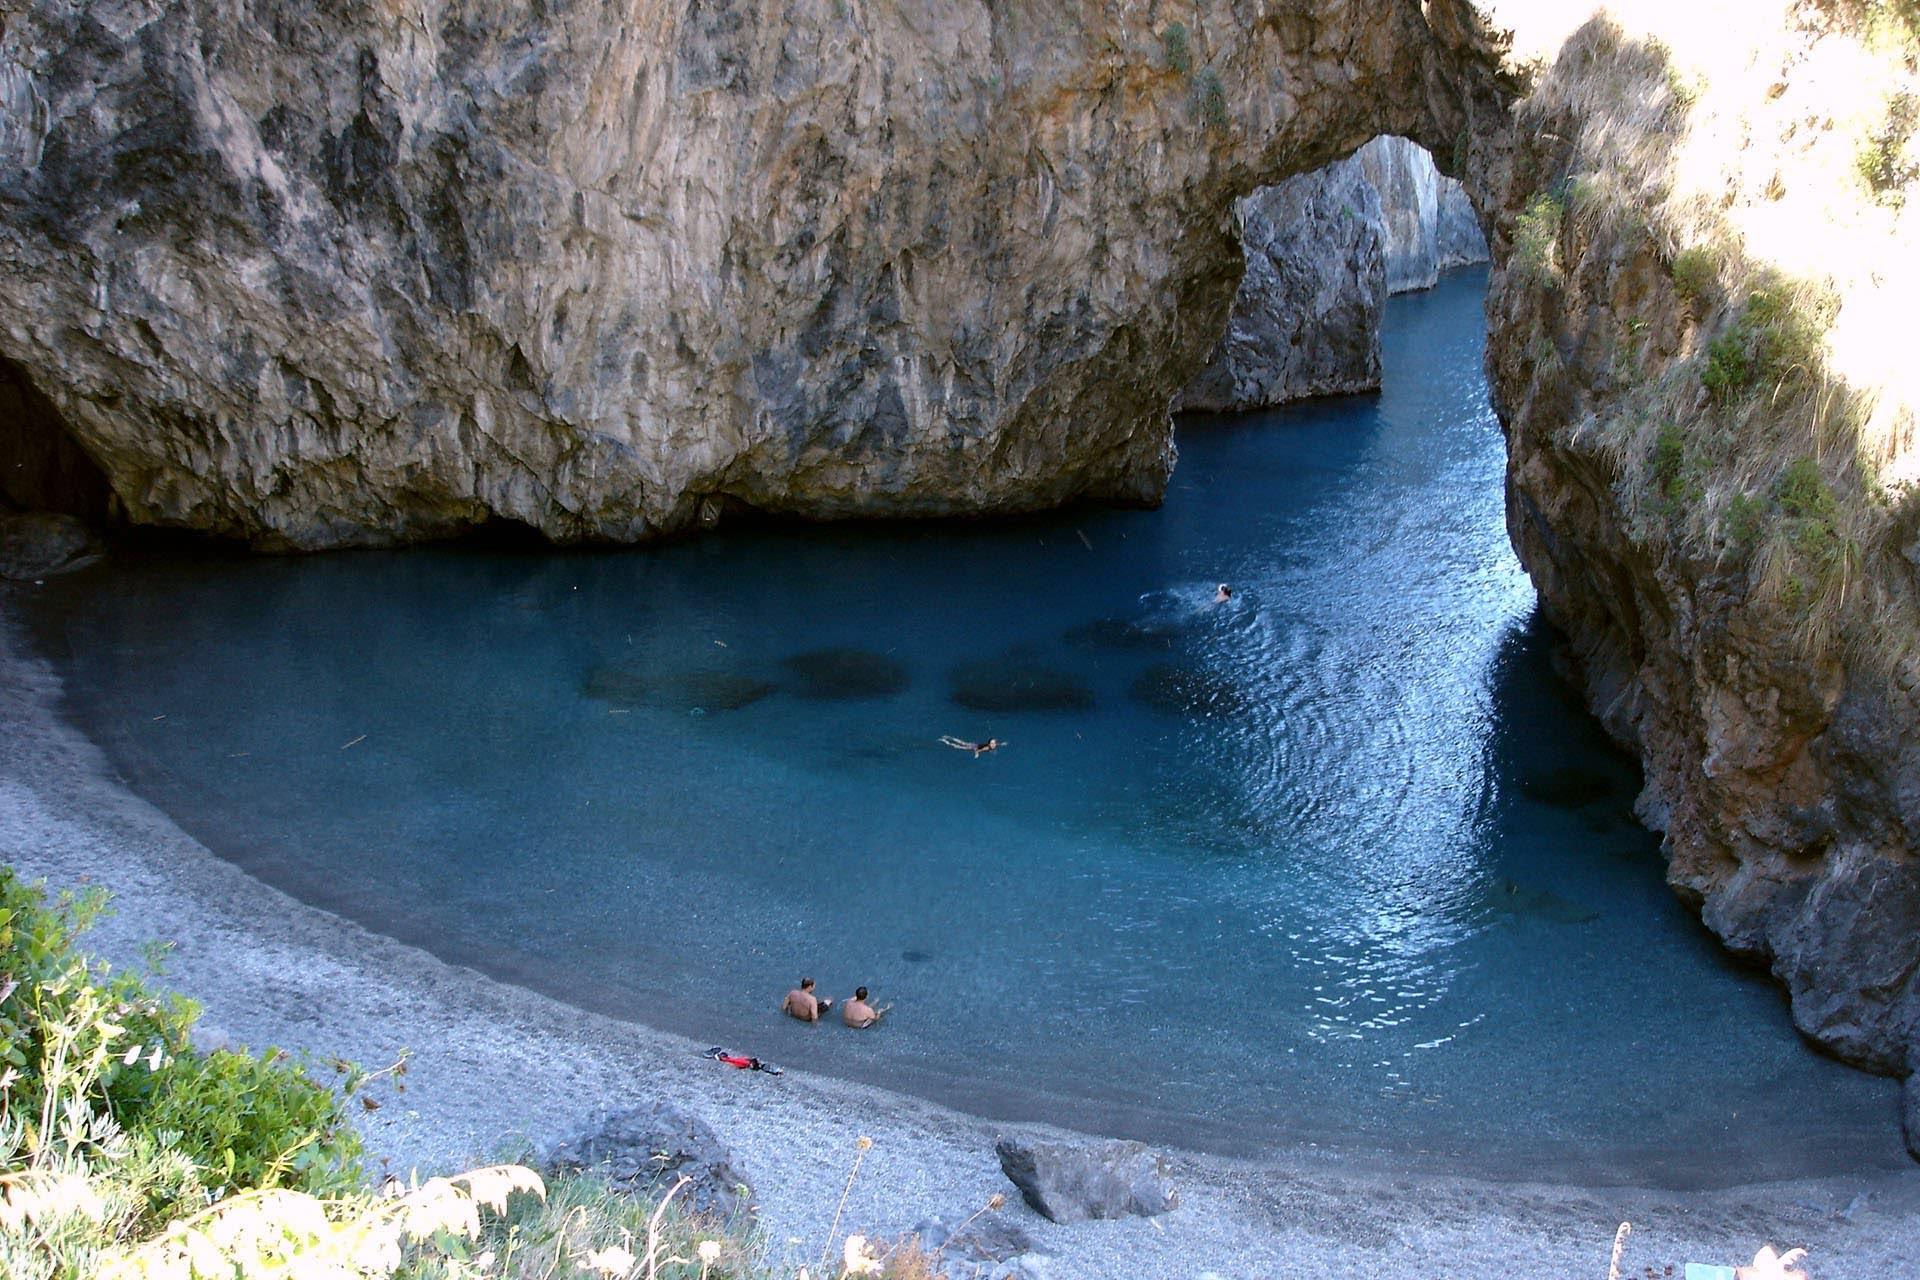 Turismo in Calabria, questo sconosciuto